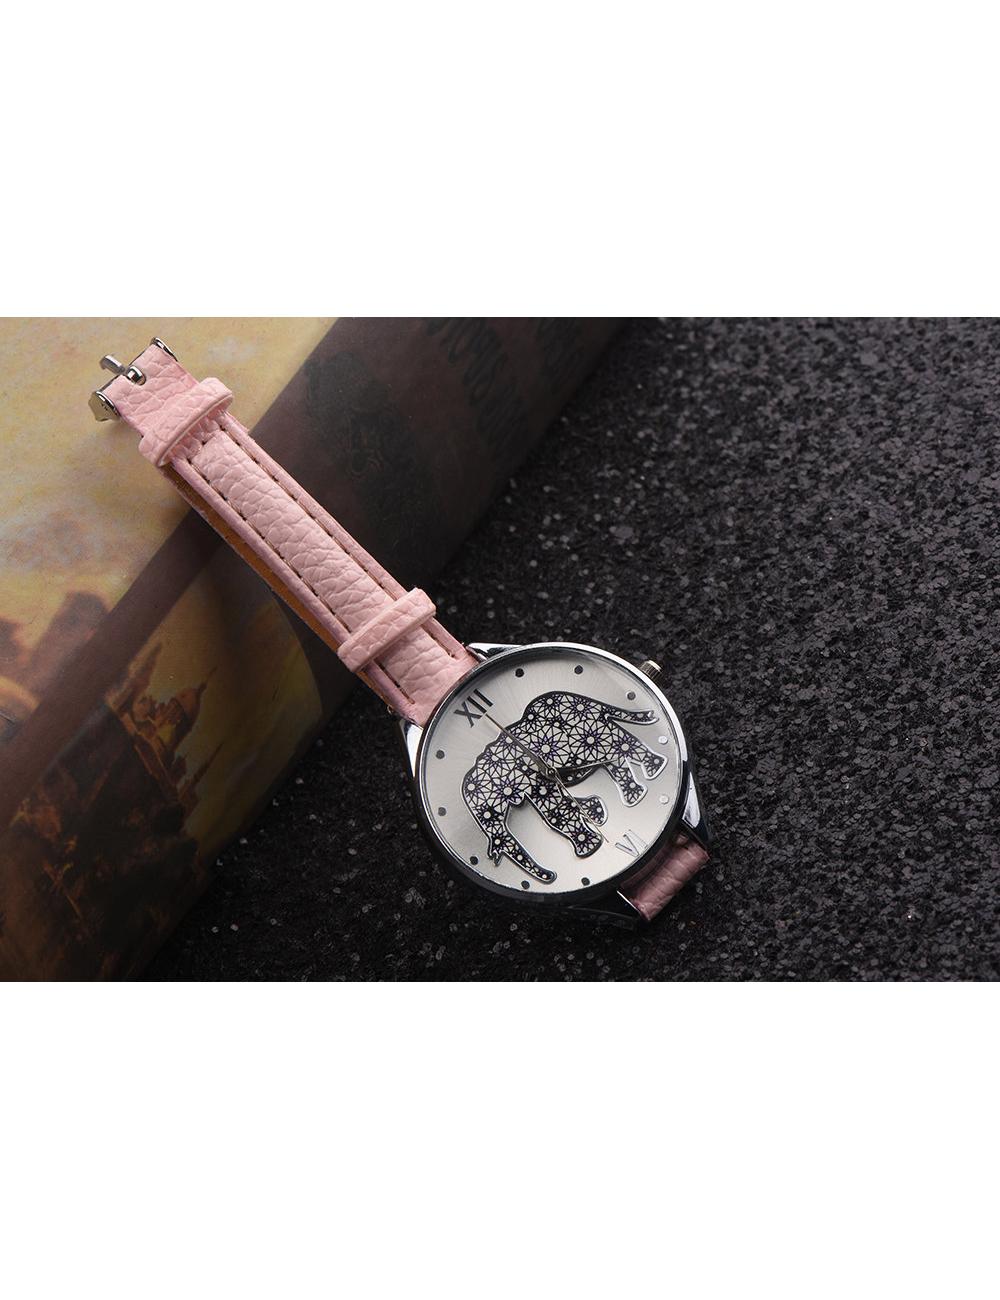 Reloj Elefante Floral Dayoshop $31.900